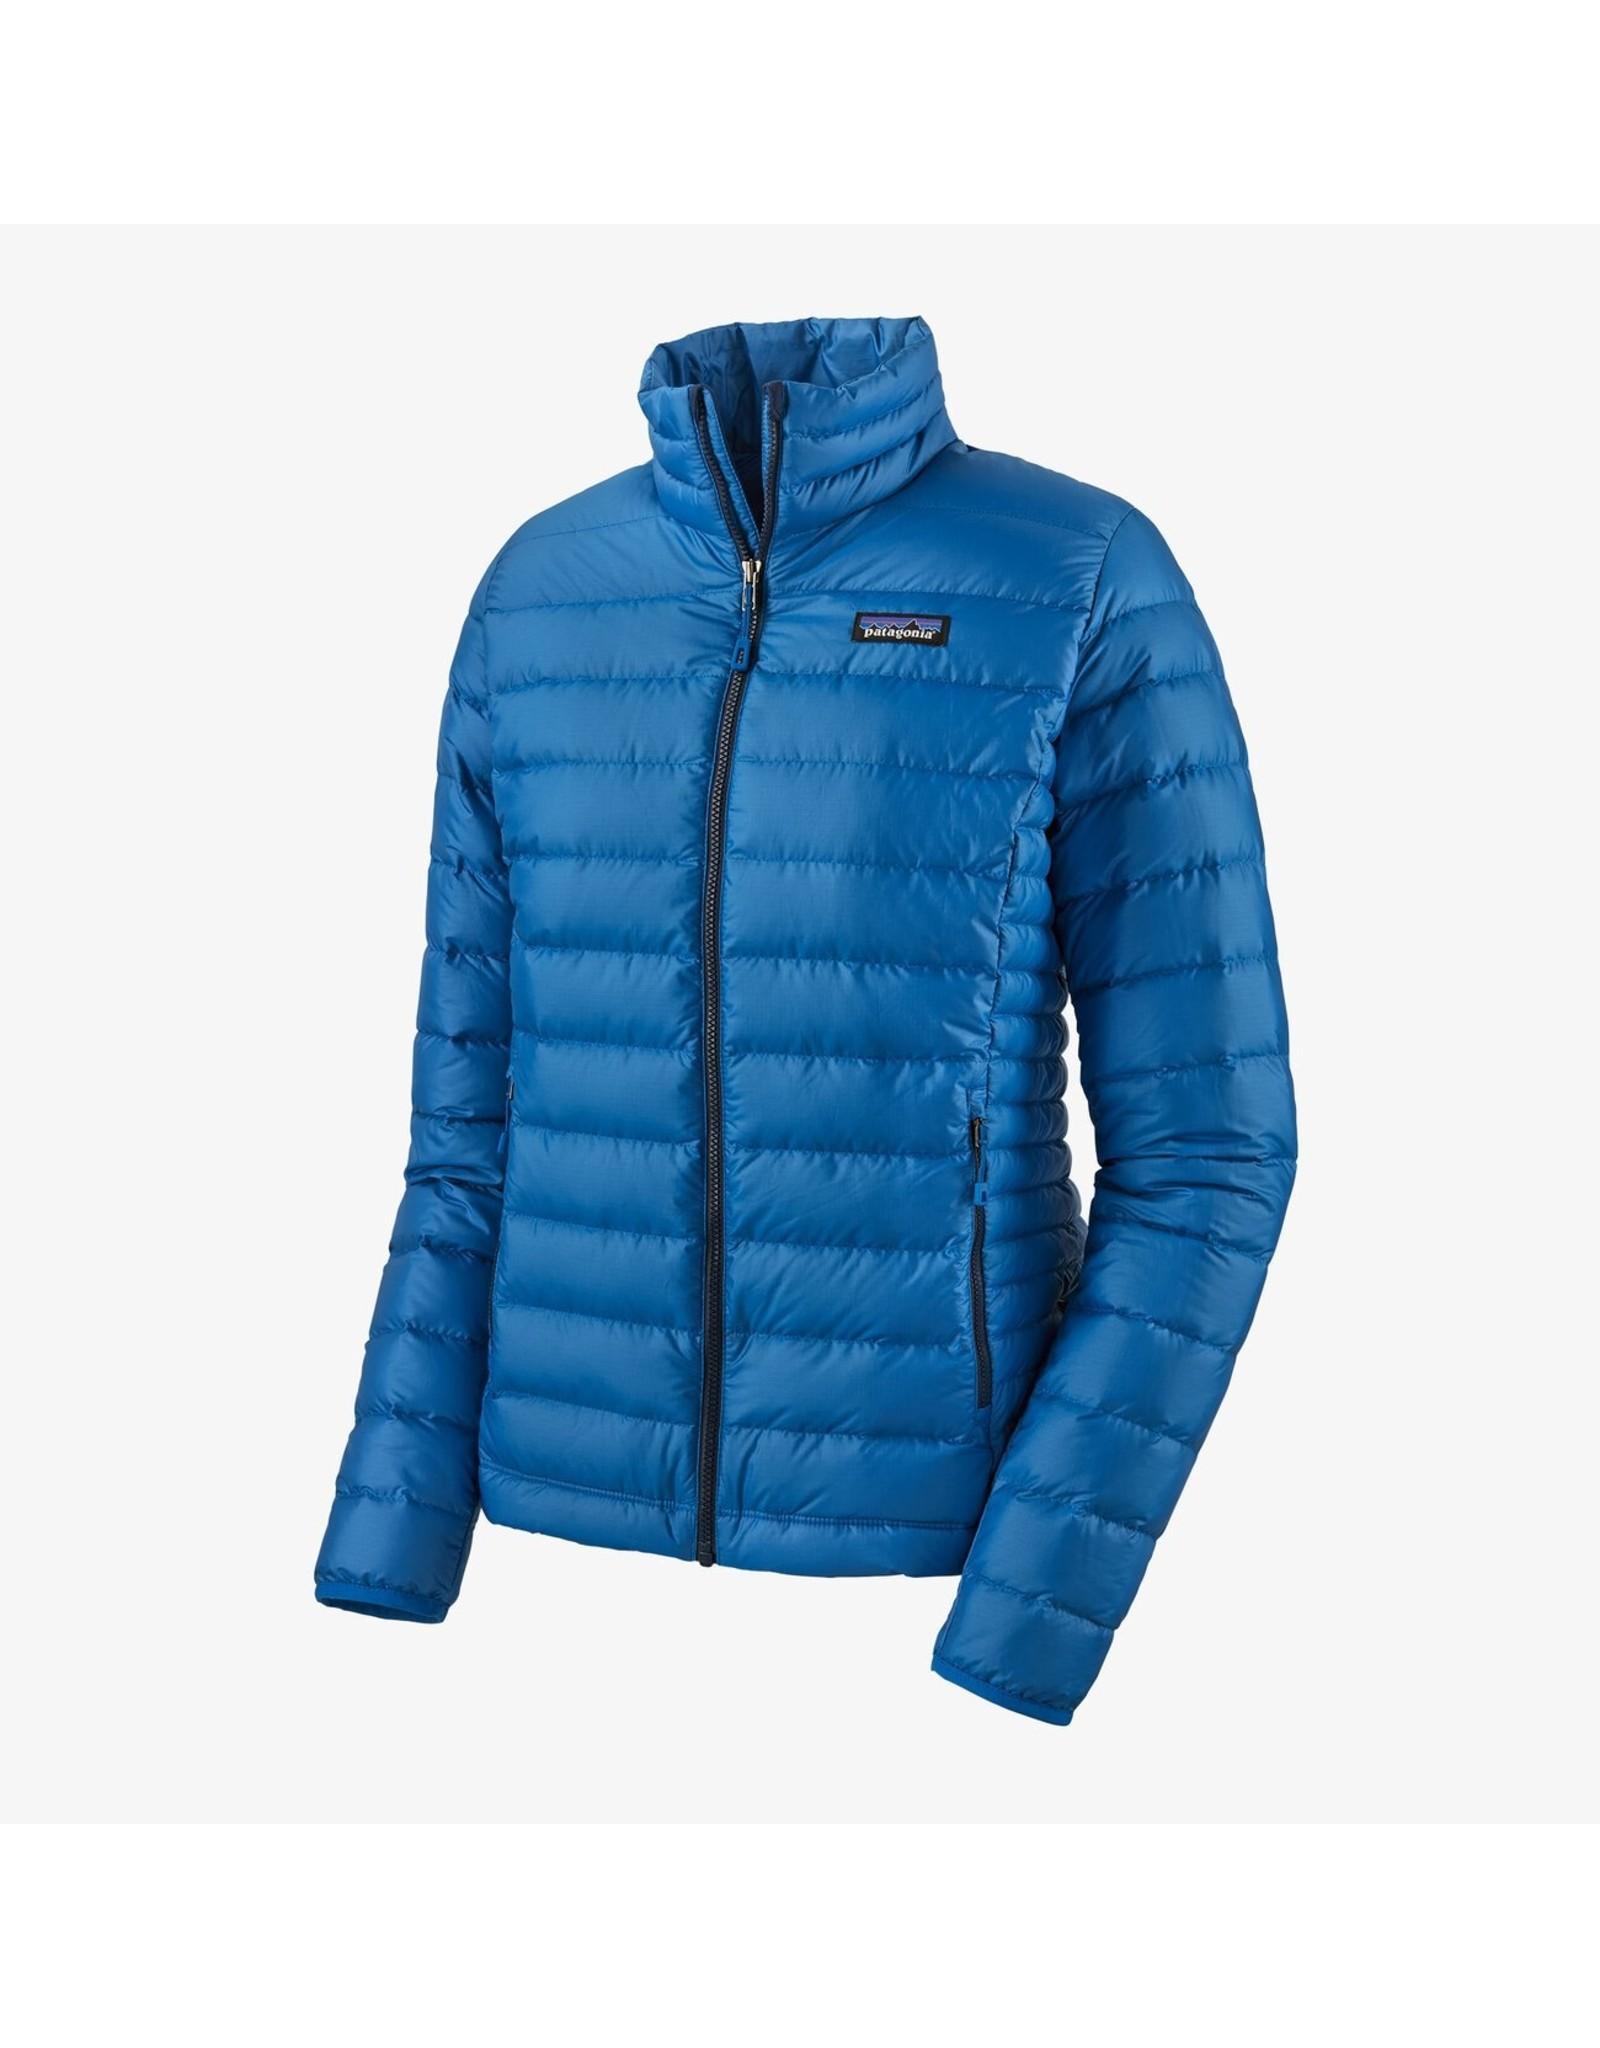 Patagonia Patagonia - Women's Down Sweater Jacket